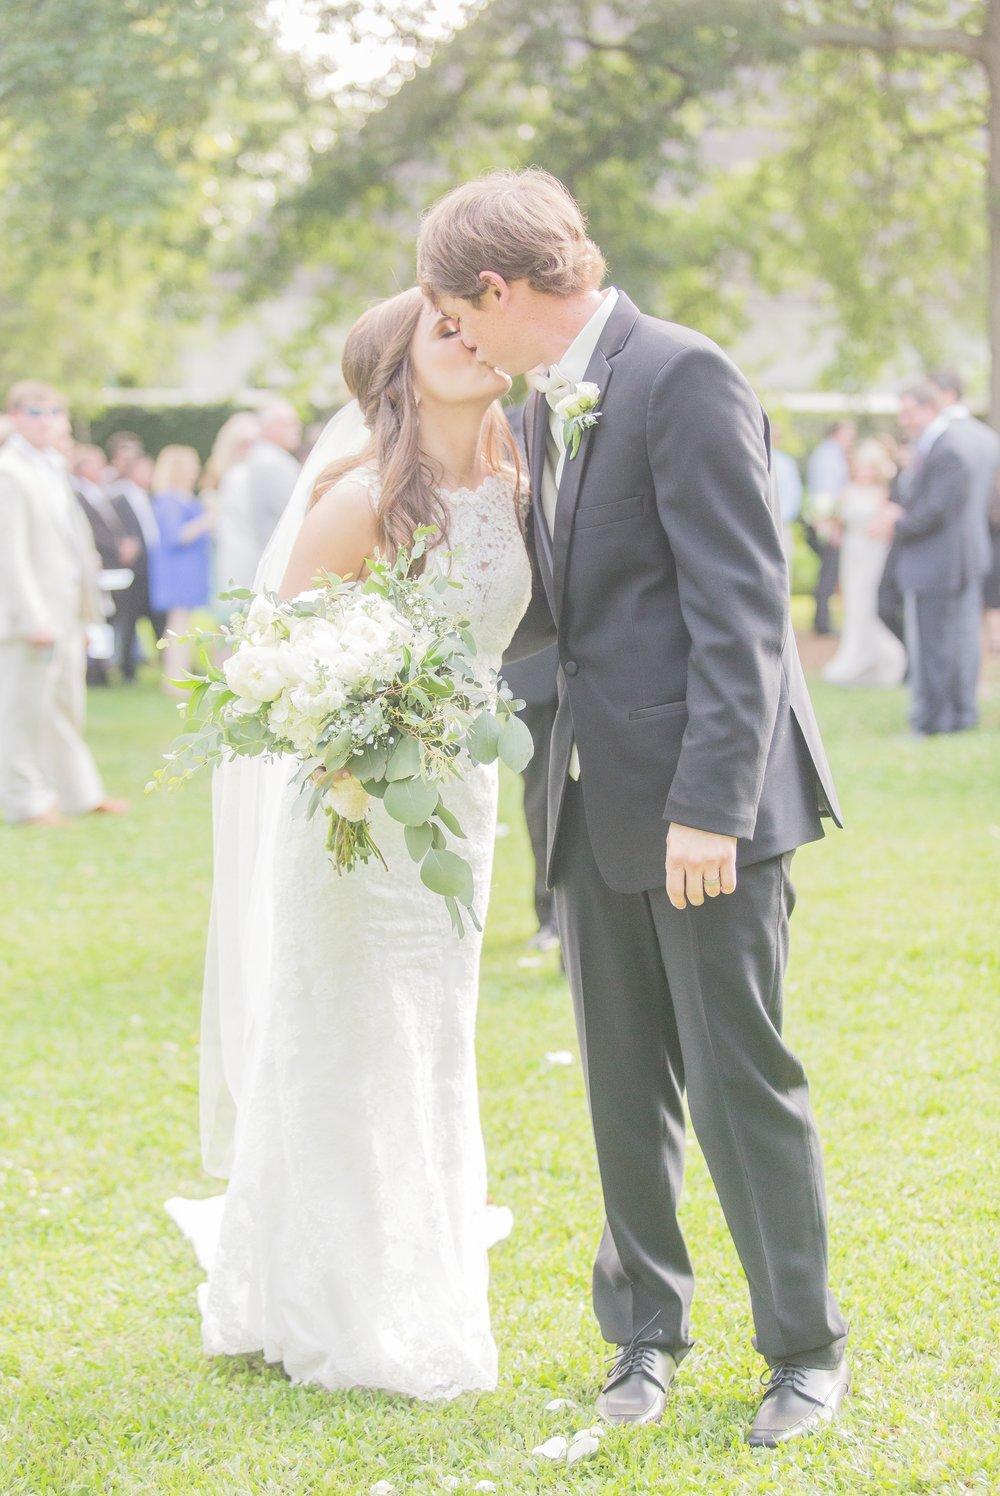 mississippi-wedding-at-the-cedars 62.jpg